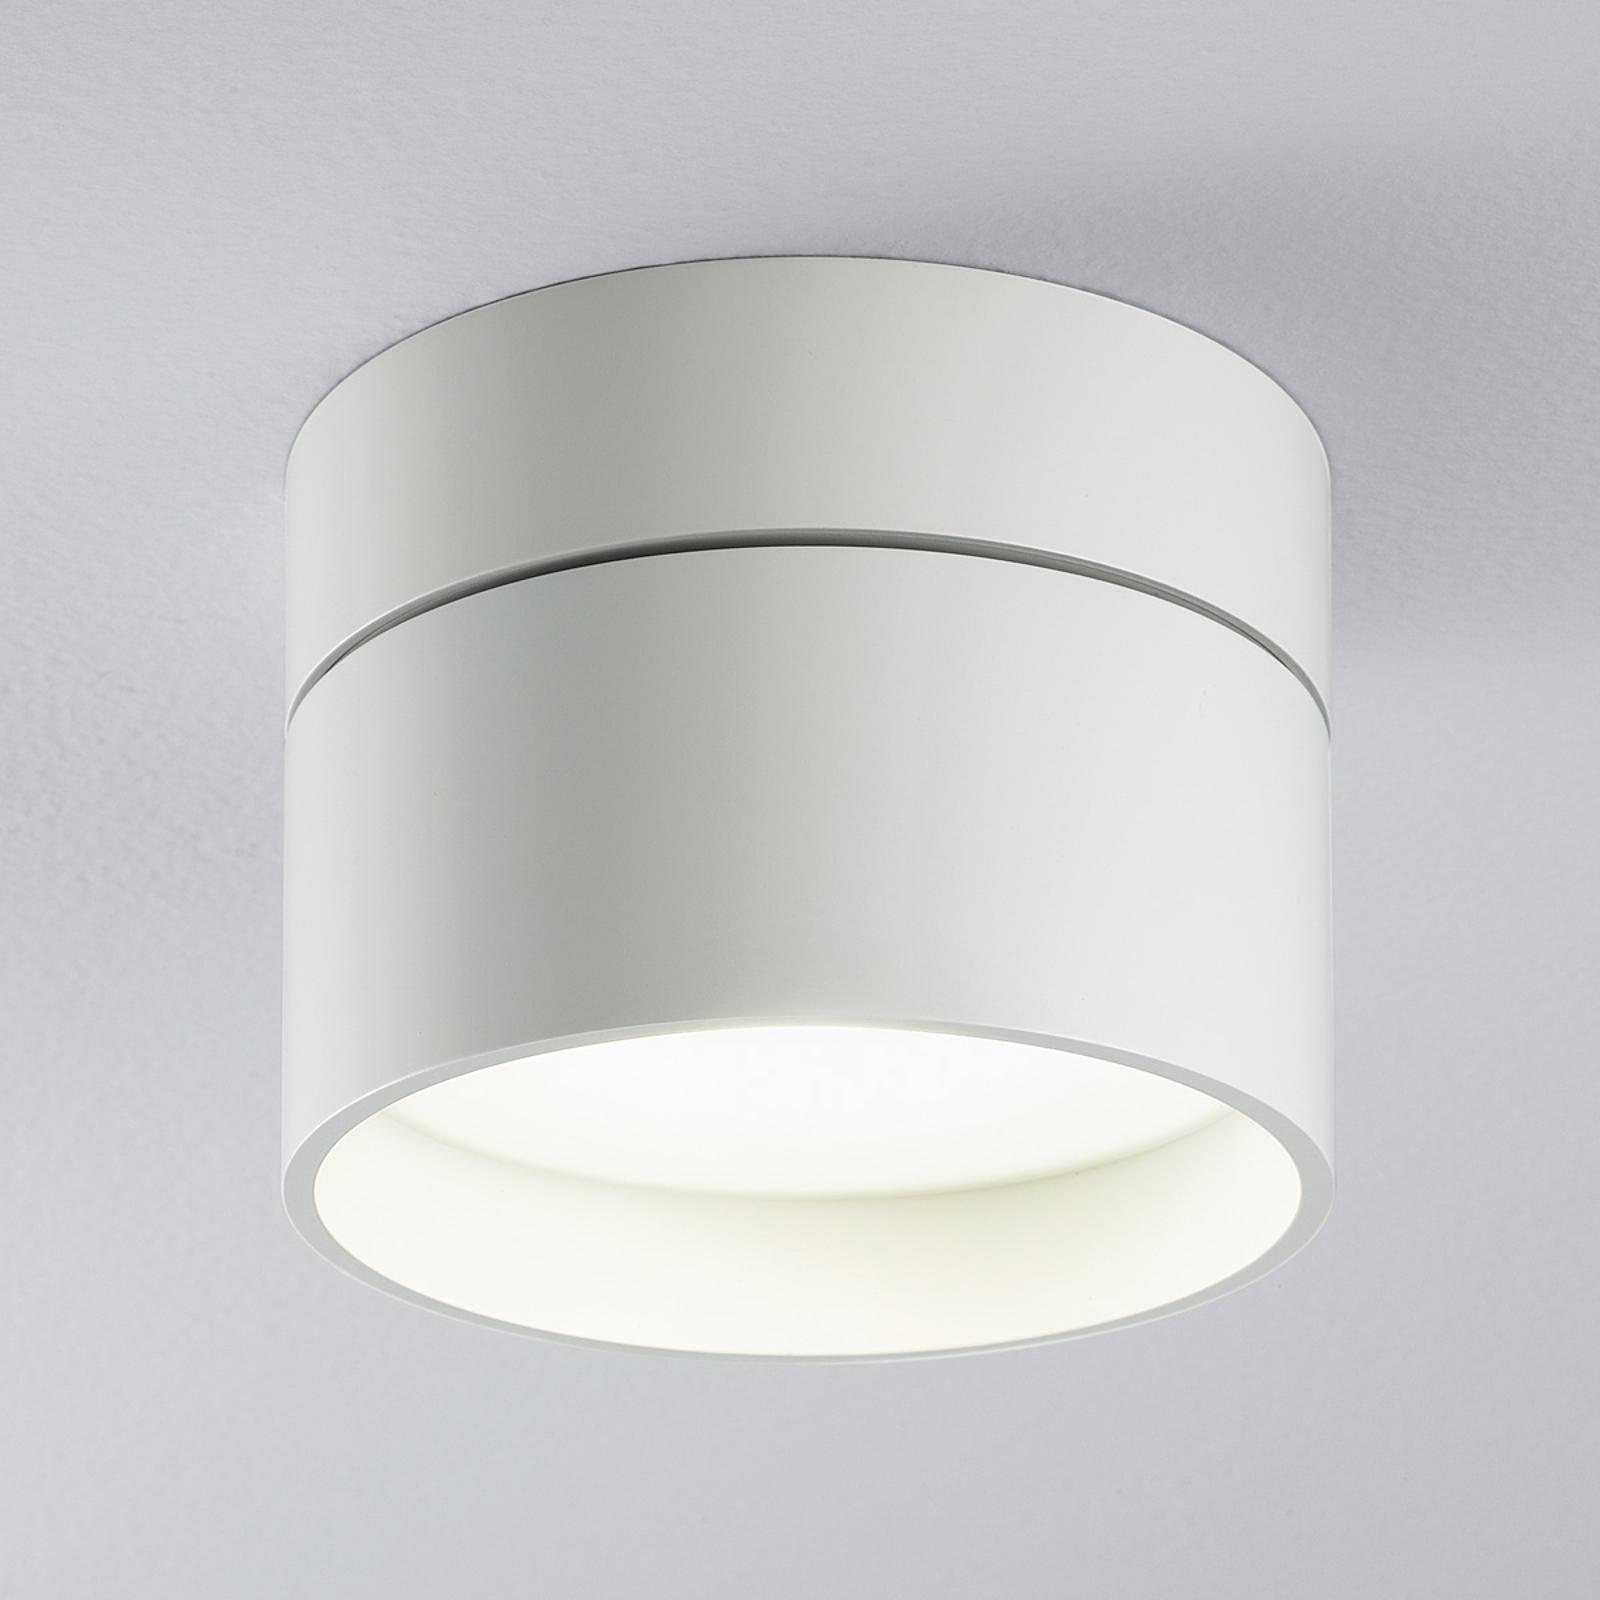 Stropné LED svietidlo Piper_3023055_1